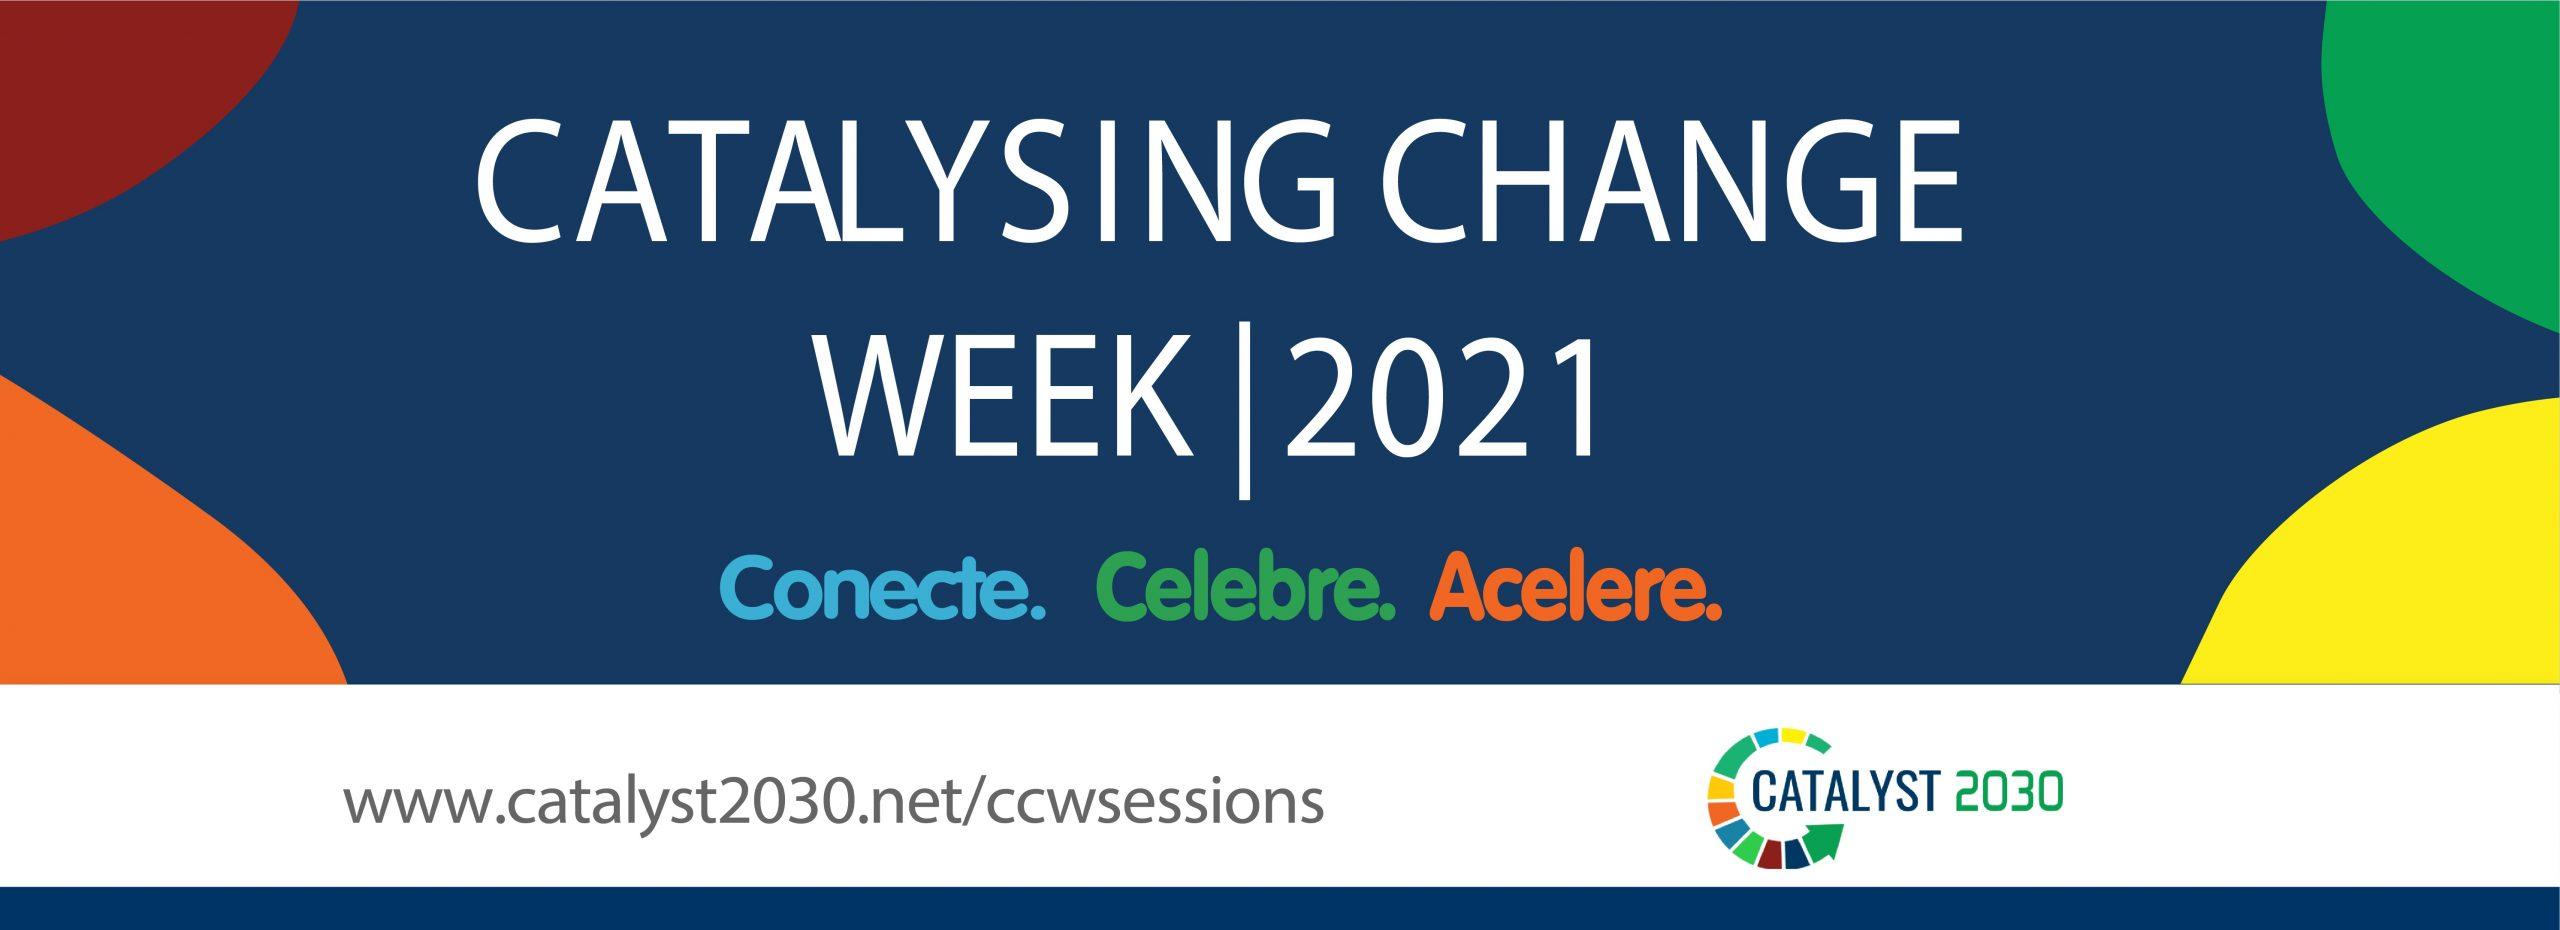 Recode participa do 'Catalysing Change Week' com sessão sobre empoderamento digital